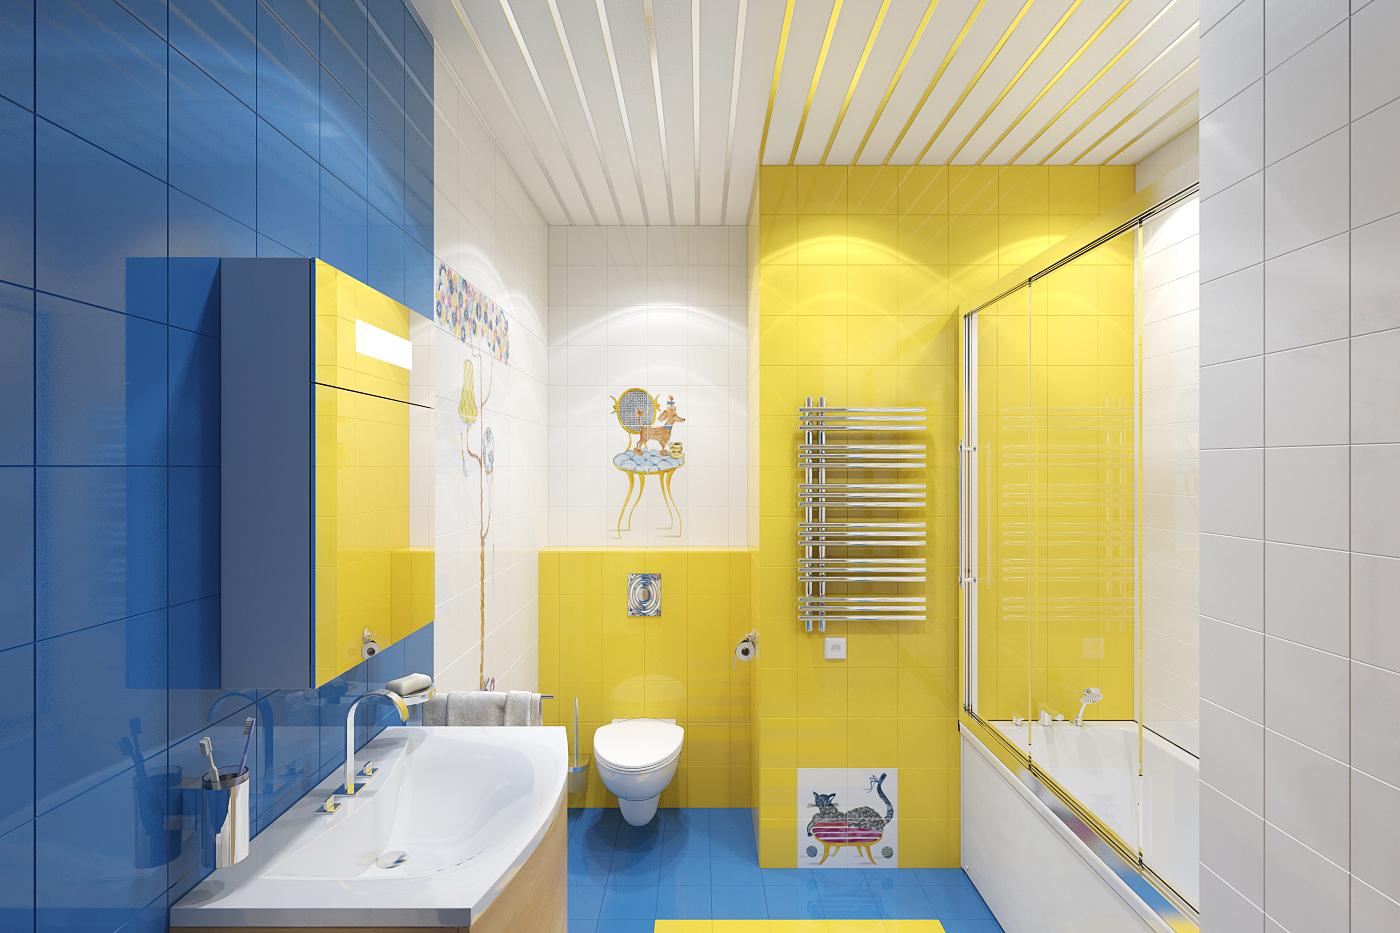 Желто-голубая плитка в интерьере ванной